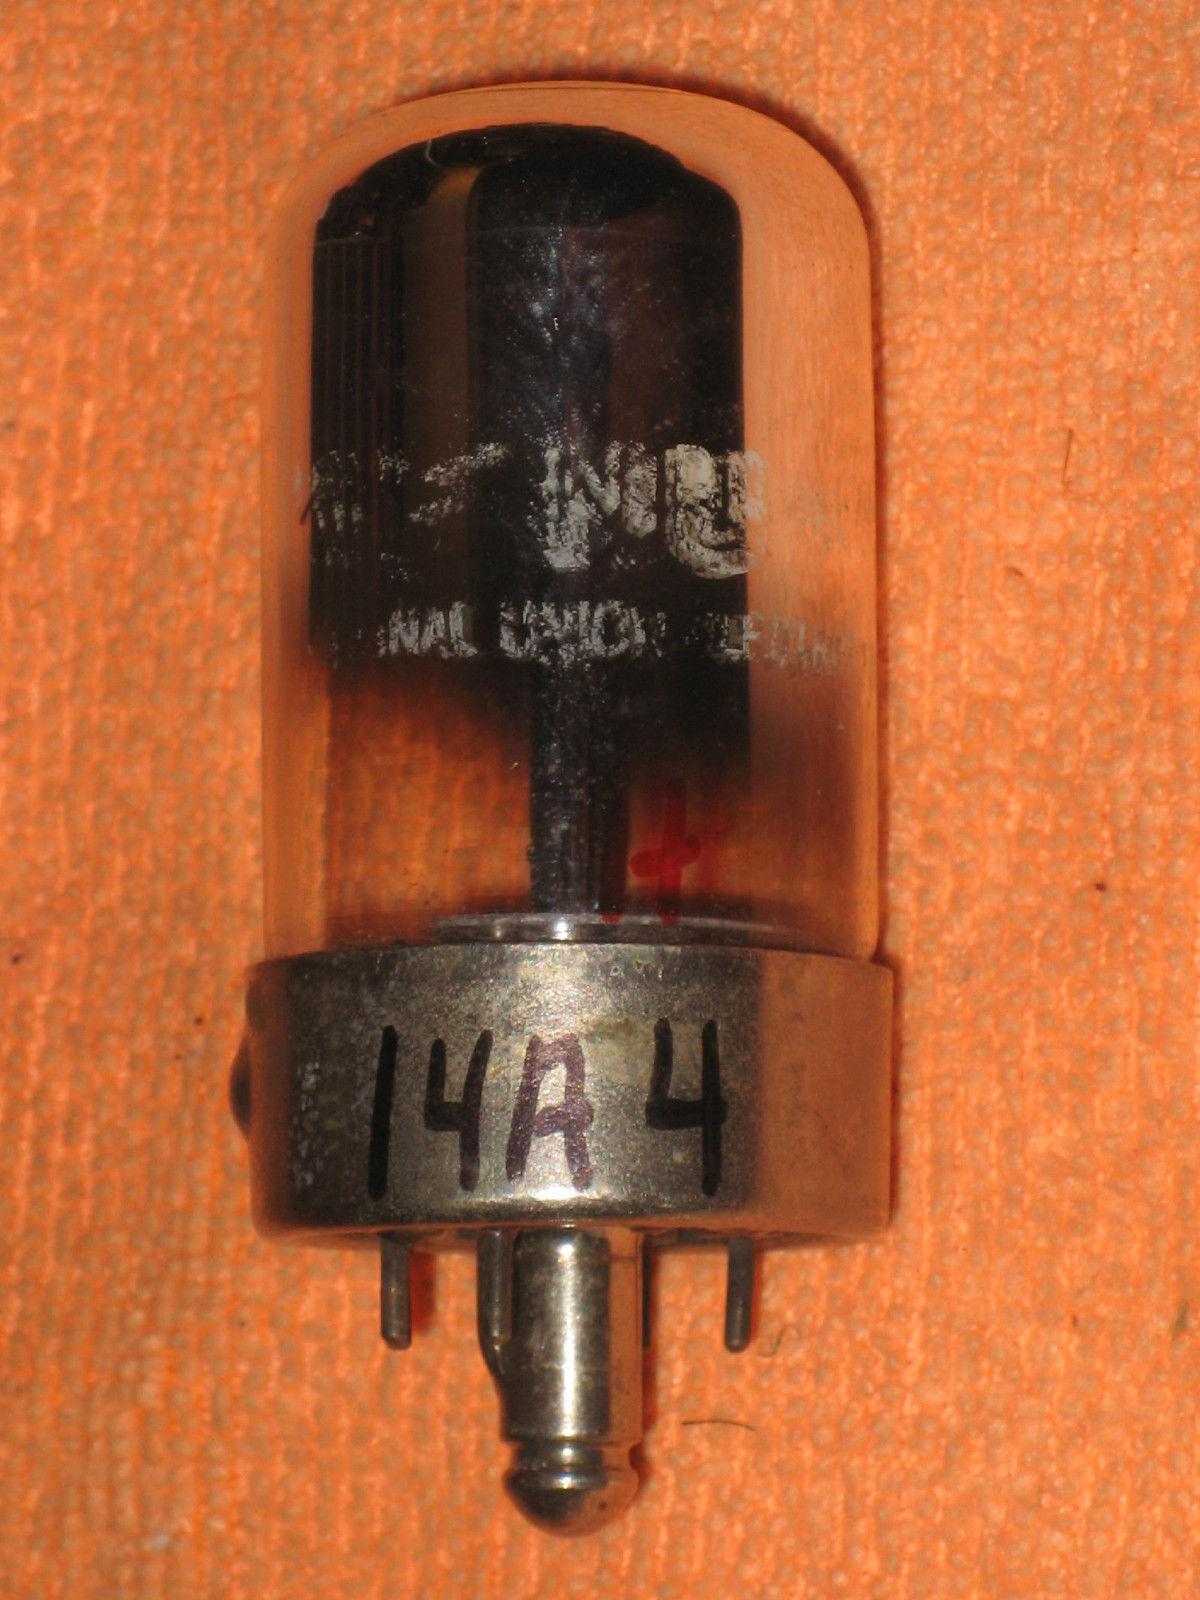 Vintage Radio Vacuum Tube (one): 14A4 - Tested Good